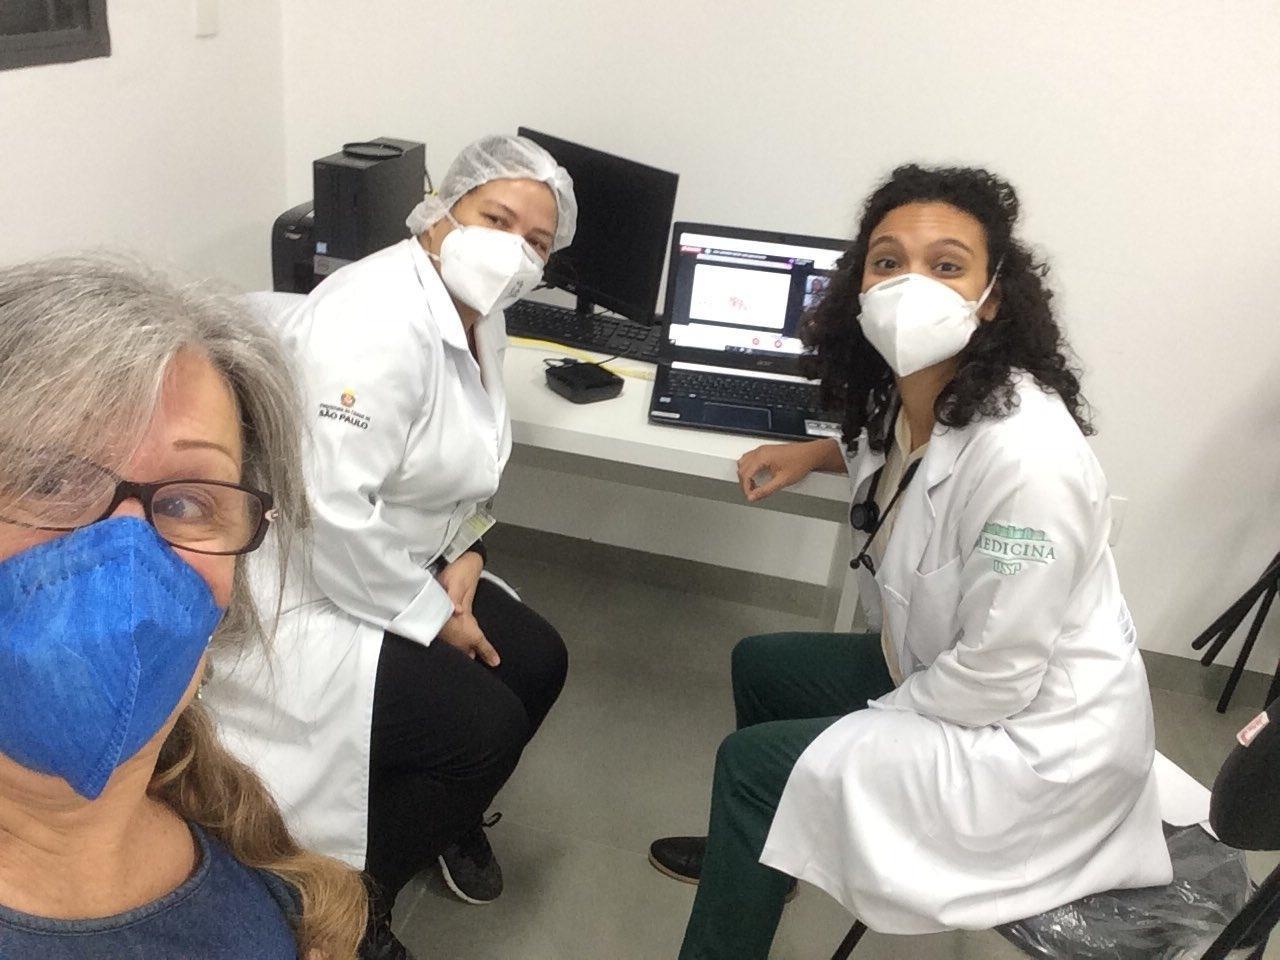 Laerte Coutinho recebendo a 2ª dose da vacina contra covid-19 - Reprodução/Twitter @LaerteCoutinho1